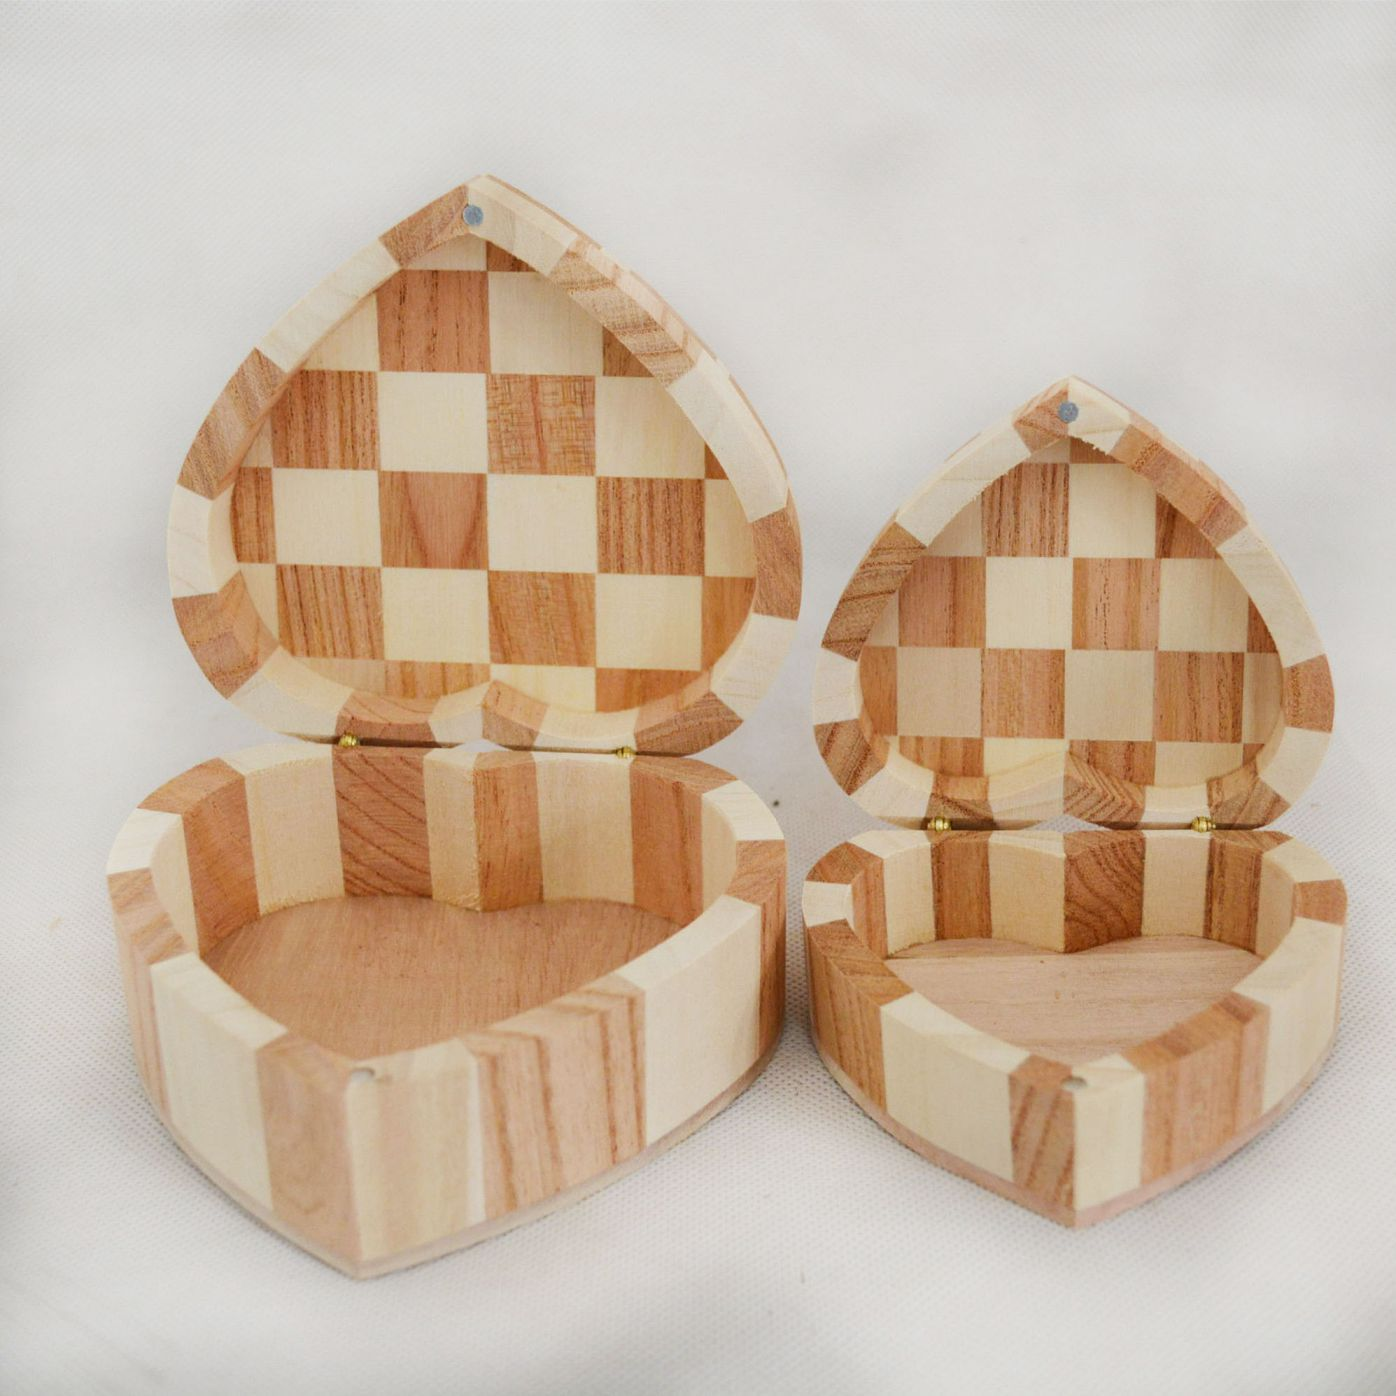 厂家现货批发木制包装盒首饰盒 木质爱心形木盒 桐木心形